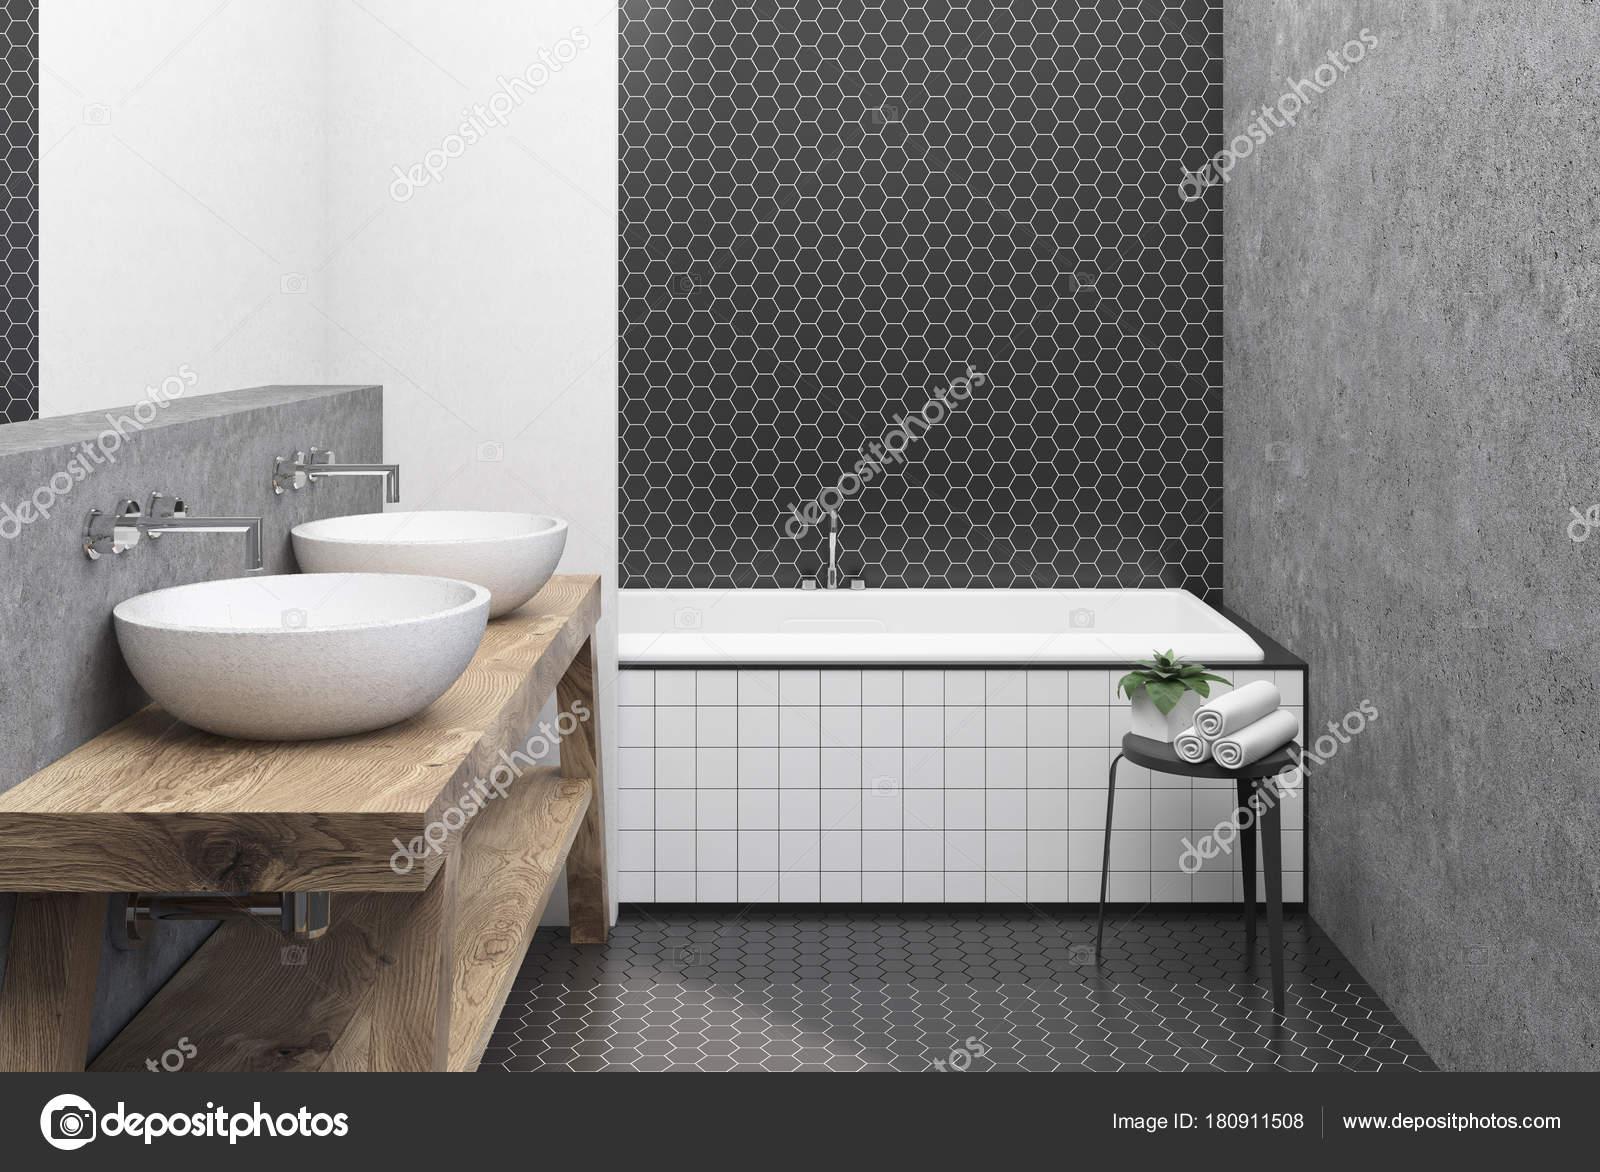 Esagono piastrelle bianca e nera bagno vasca idromassaggio u2014 foto